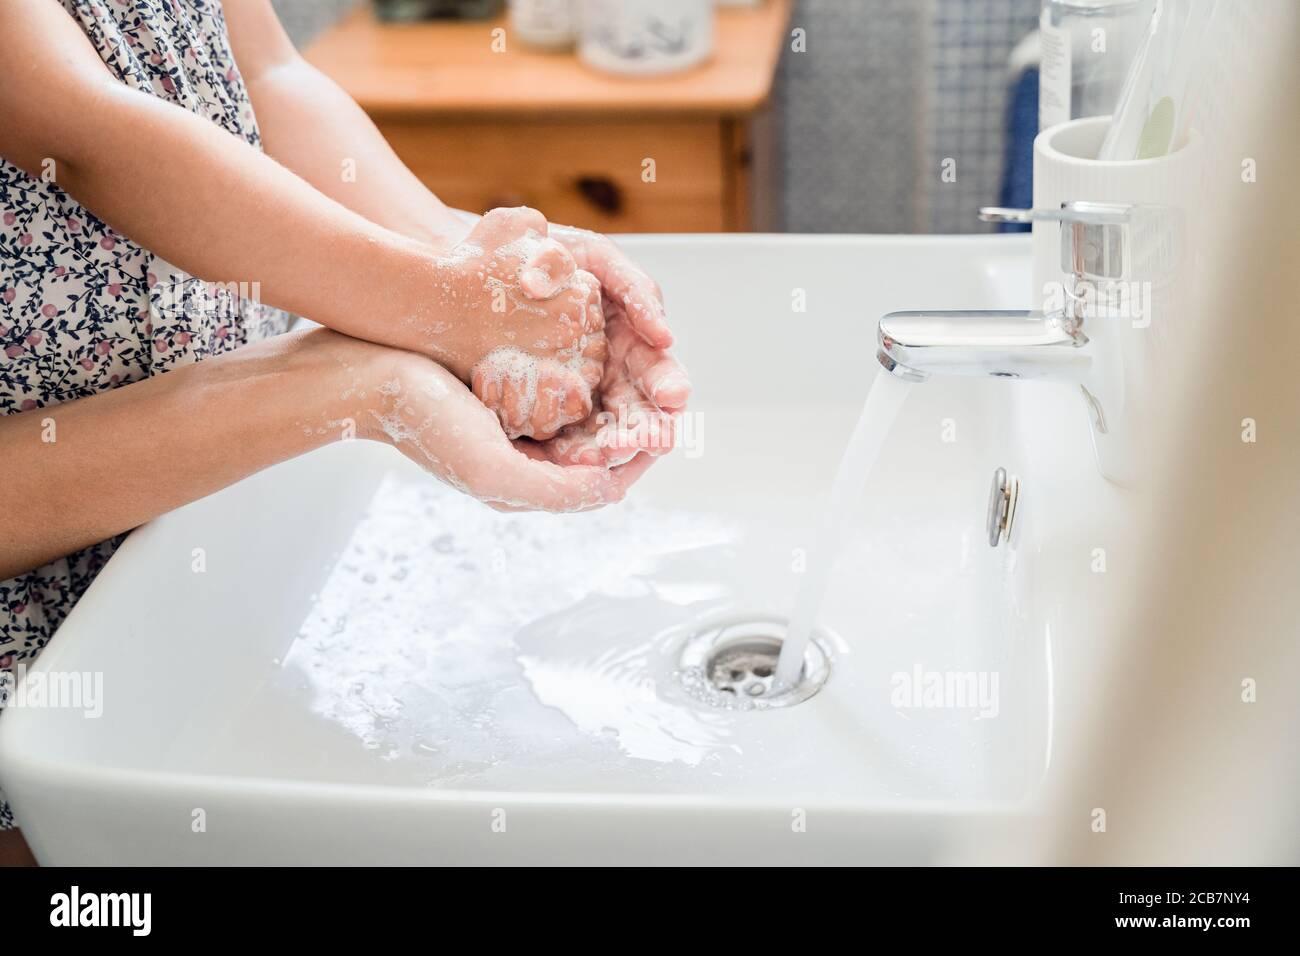 Mutter und Mädchen Kind waschen Hände zusammen im Waschbecken Mit viel Seife unter fließendem Wasser Stockfoto